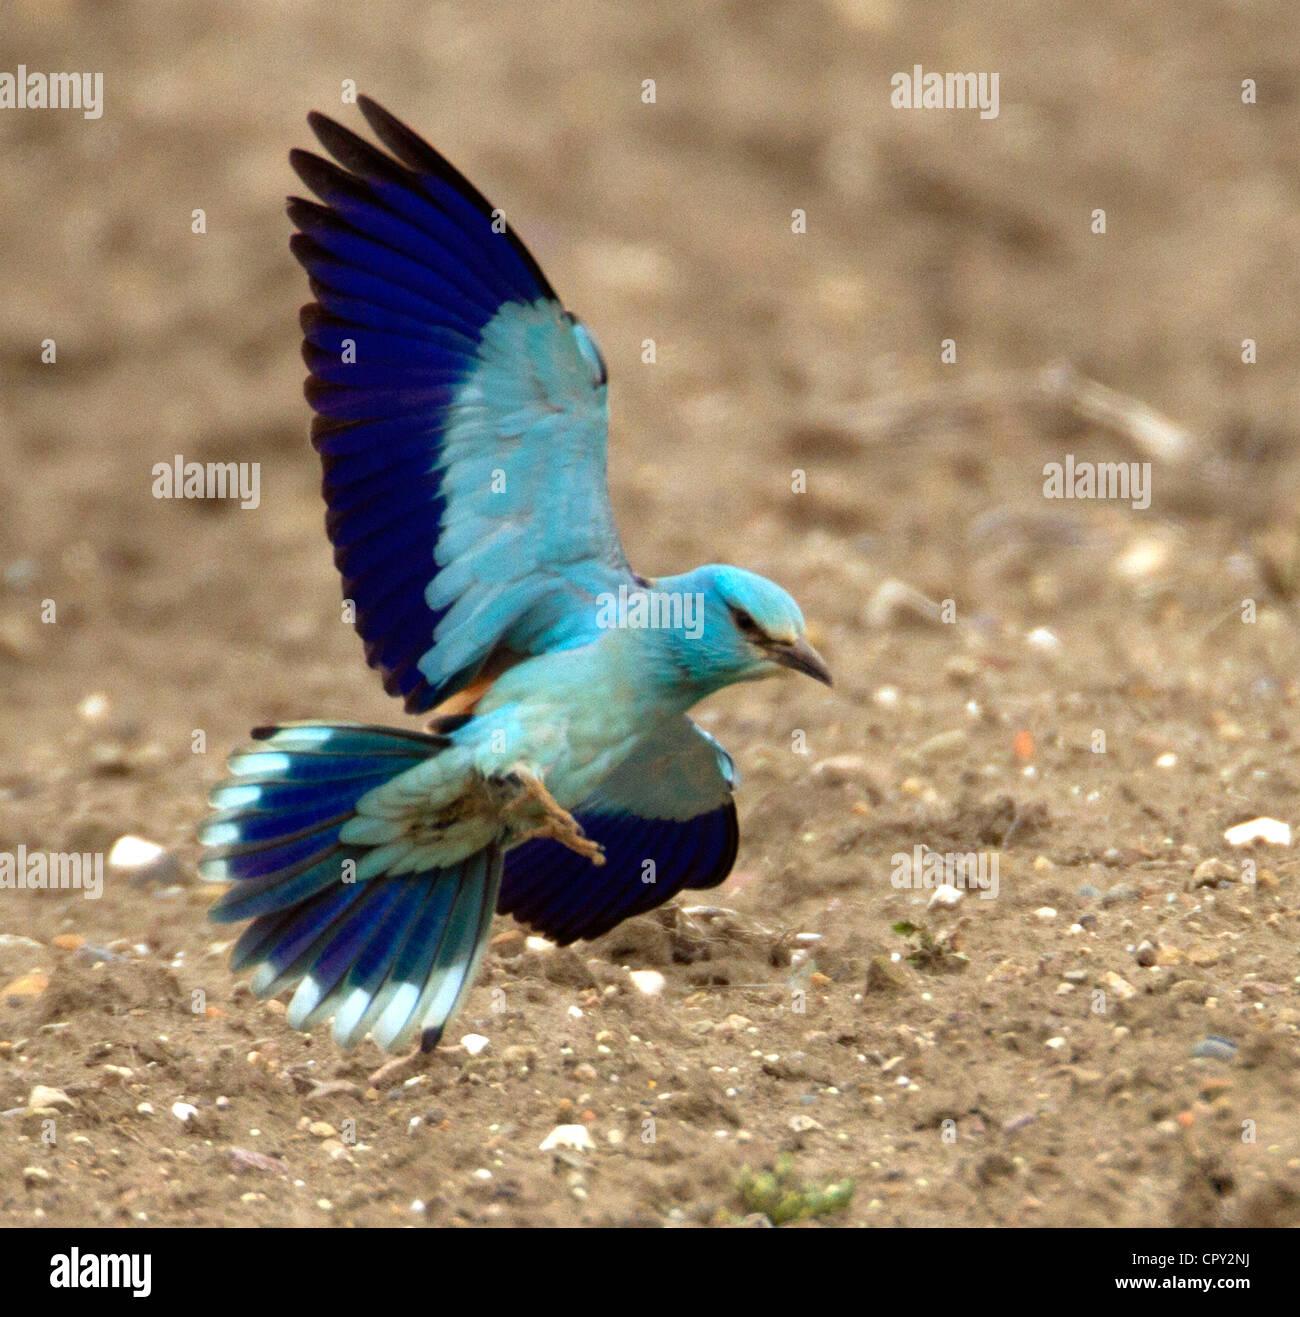 Rullo ( Coracias garrulus) Molto raro uccello di migranti. Era il SOLO NEL REGNO UNITO NEL 2012 Immagini Stock